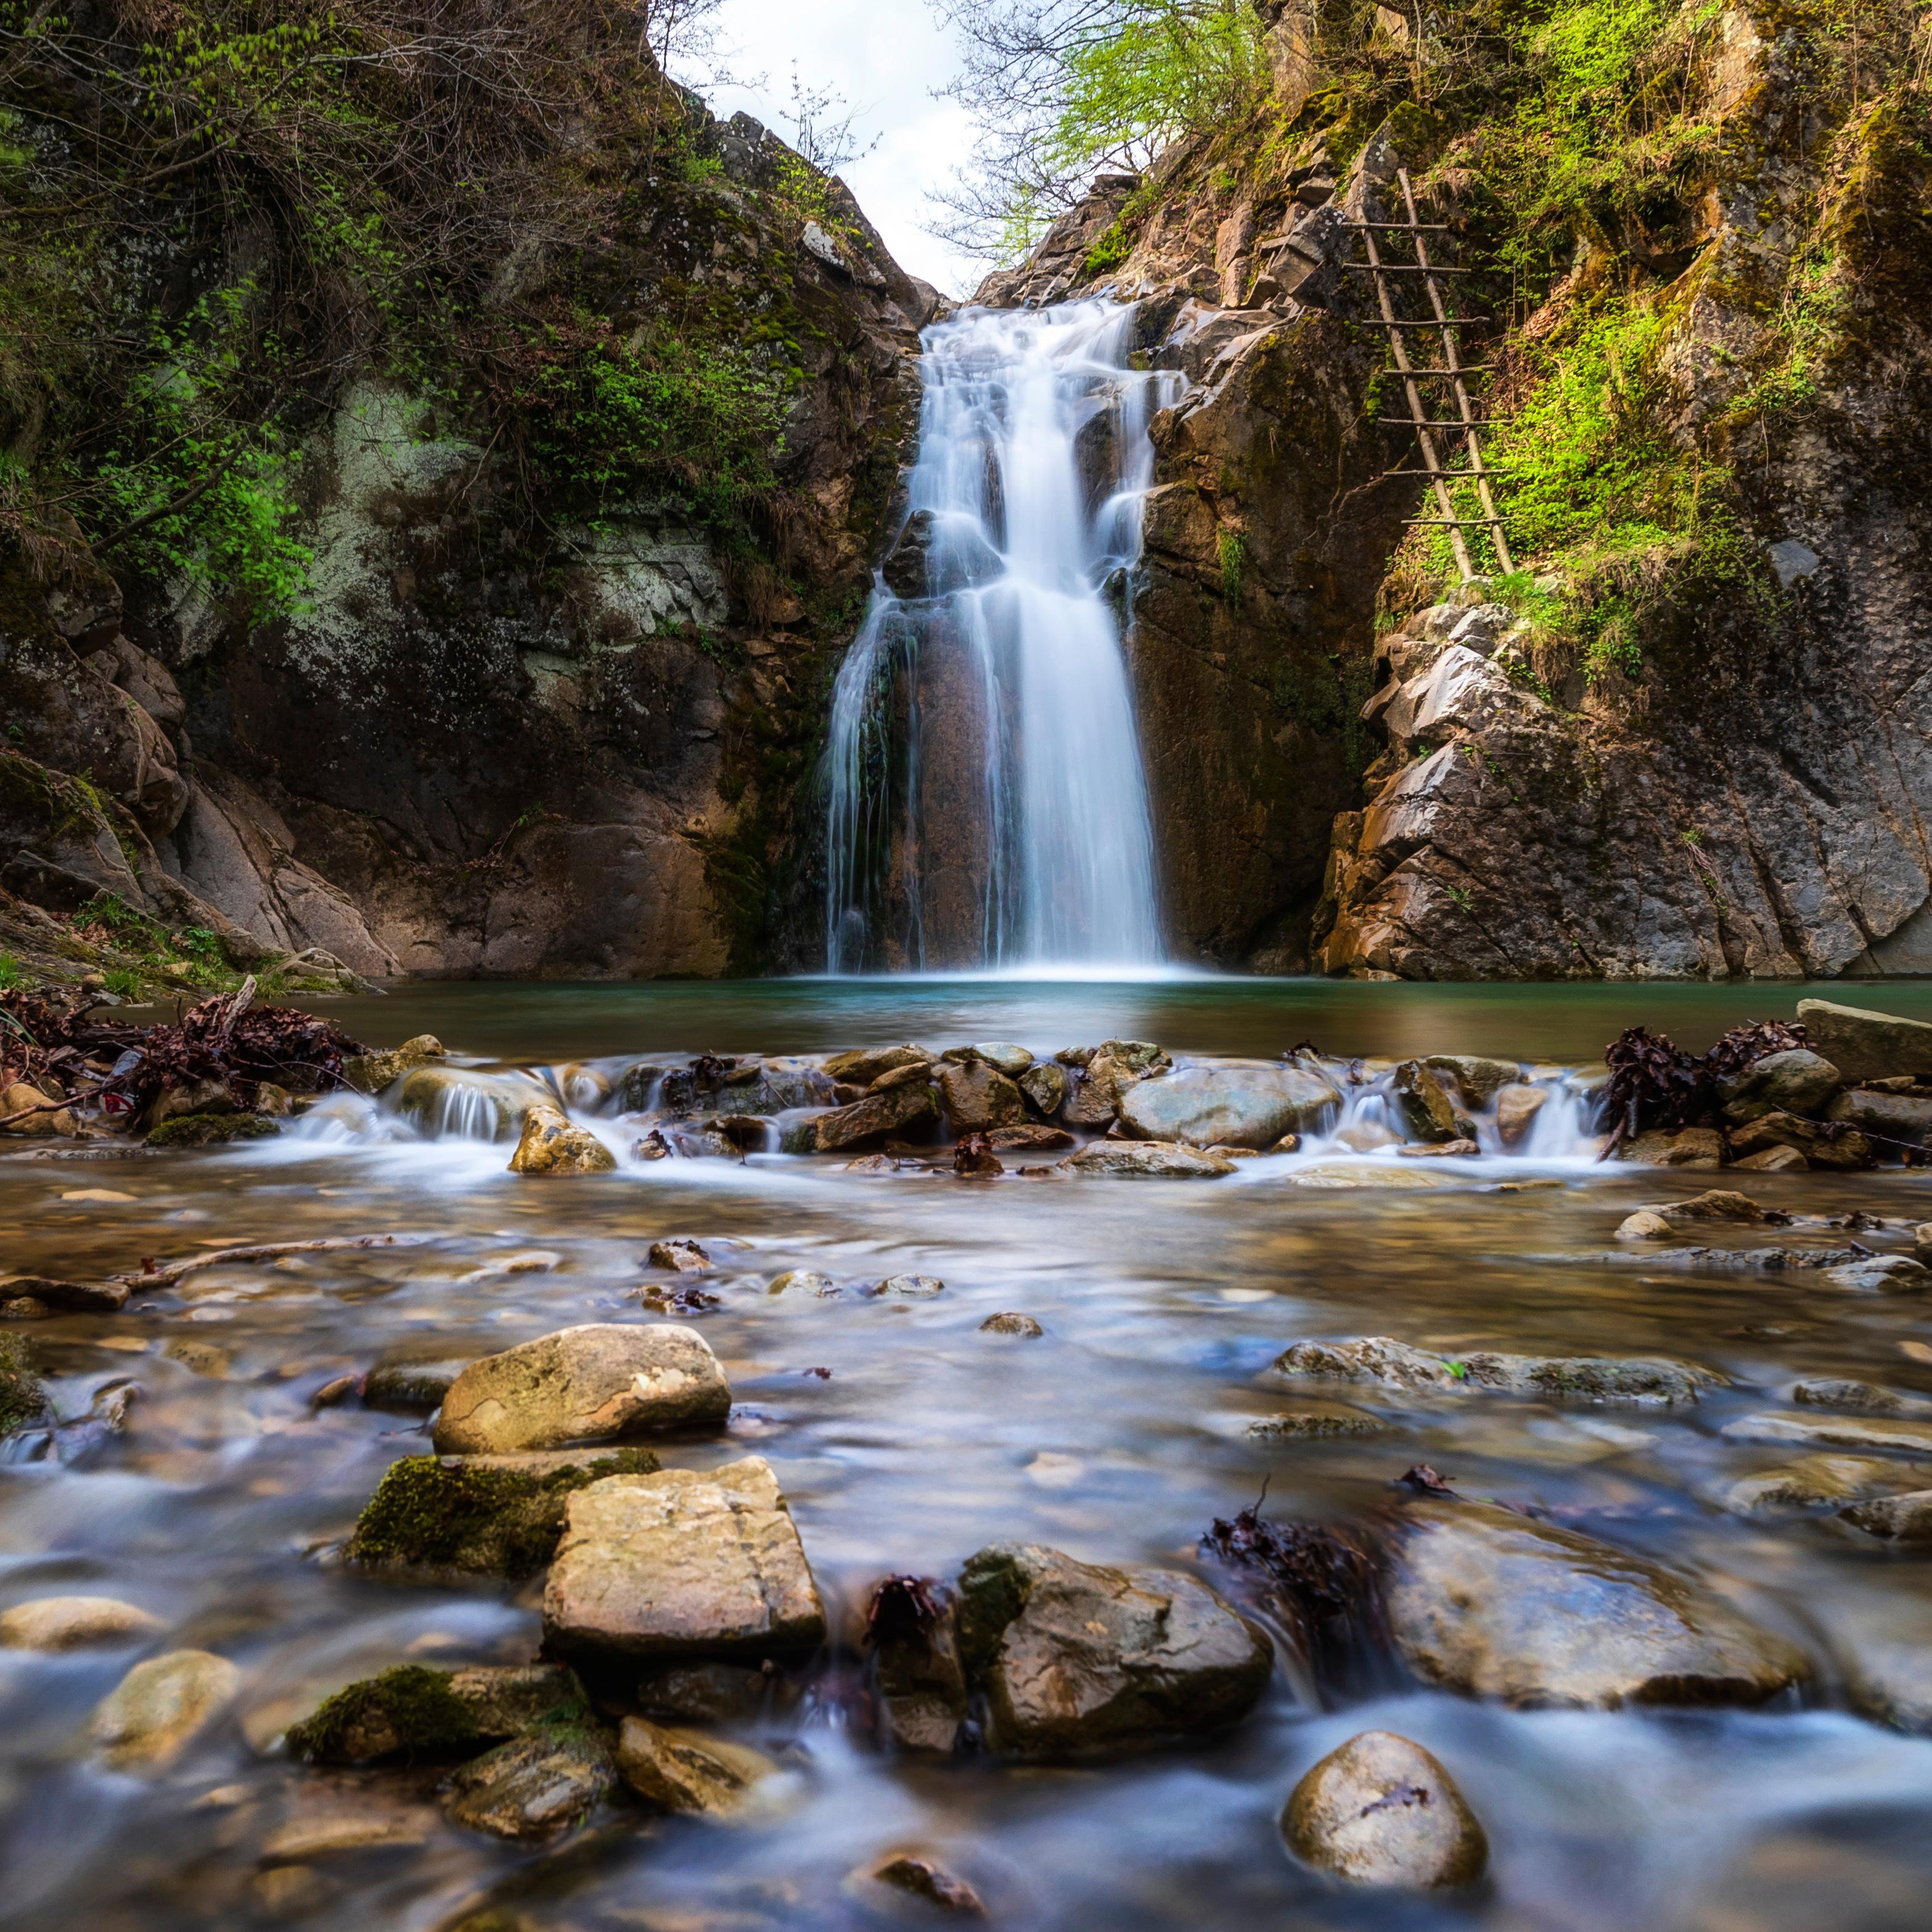 alkaline-waterfall-nature